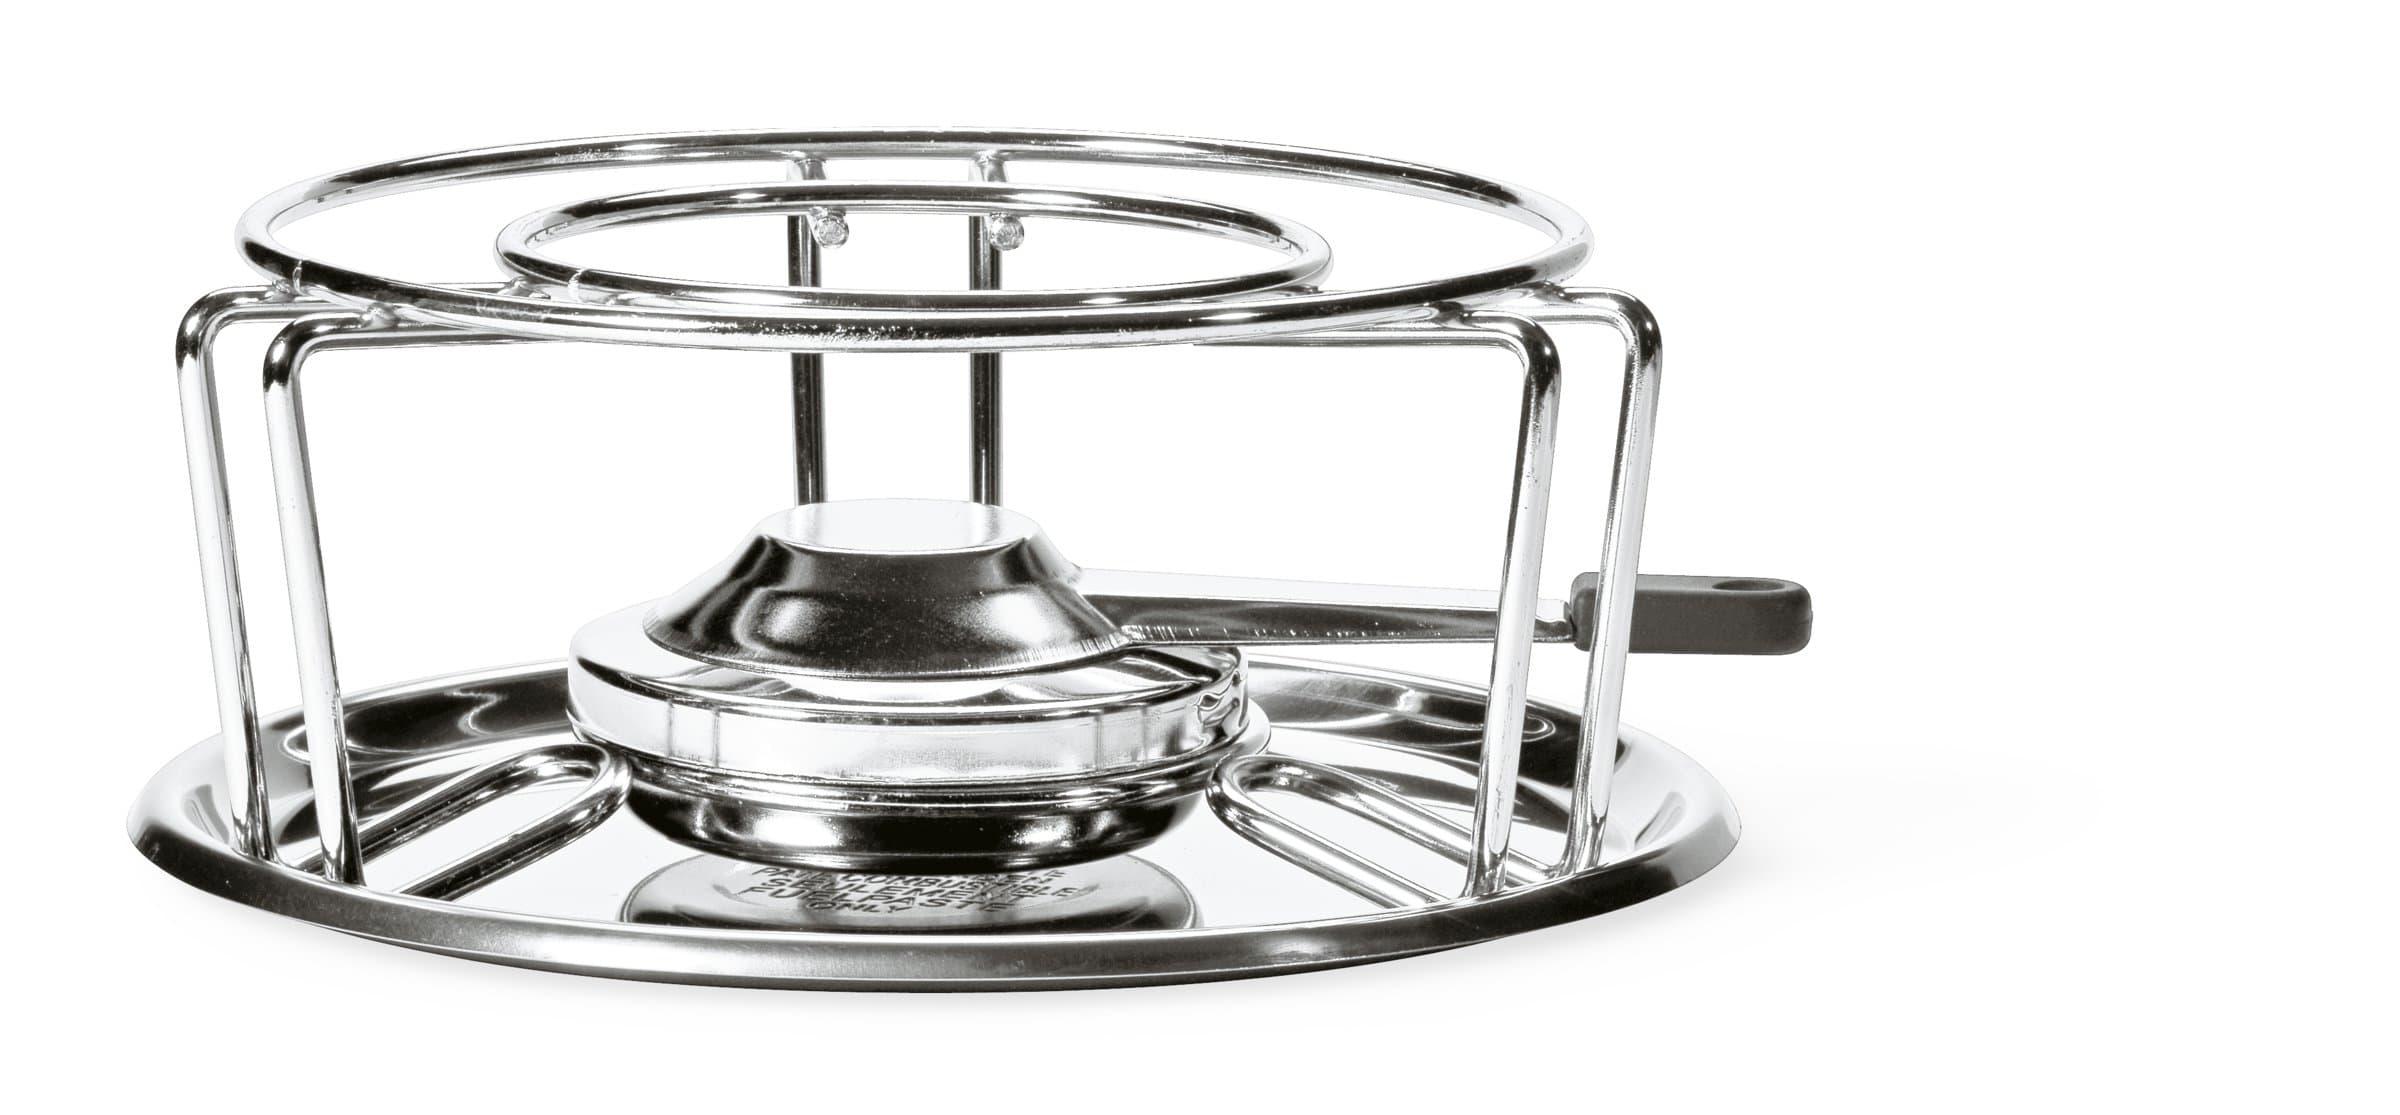 Cucina & Tavola Fondue Rechaud